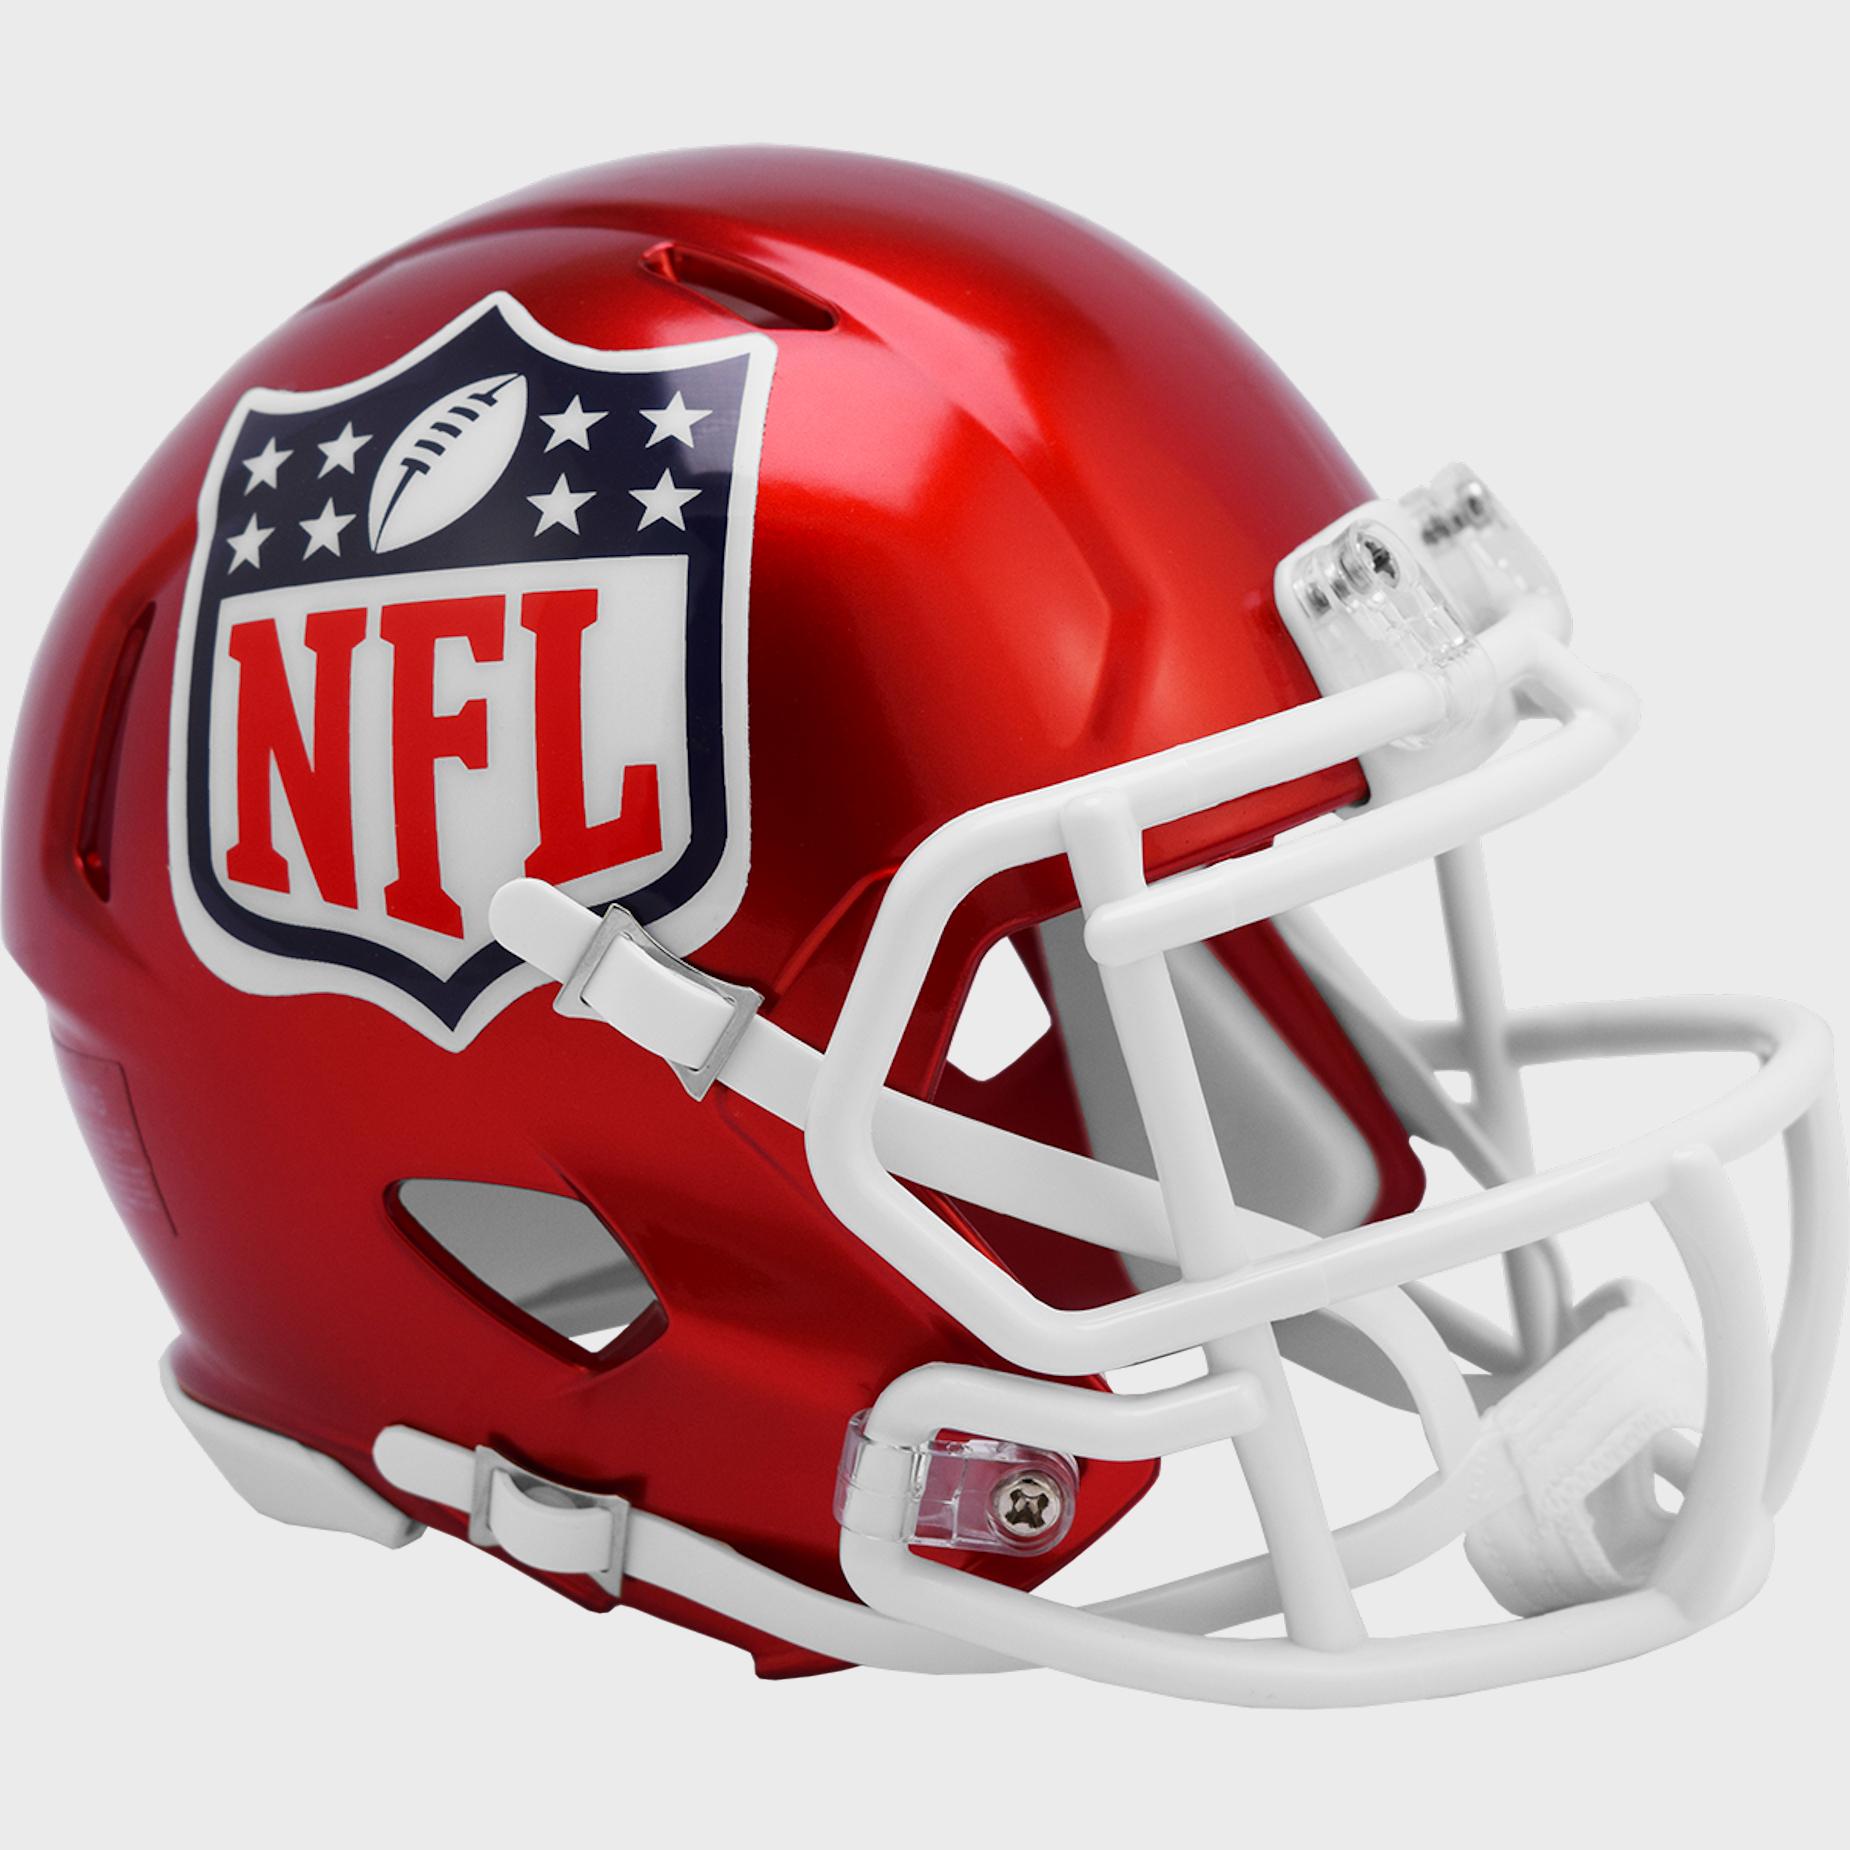 NFL Shield Speed Mini Football Helmet <B>FLASH ESD 8/21/21</B>